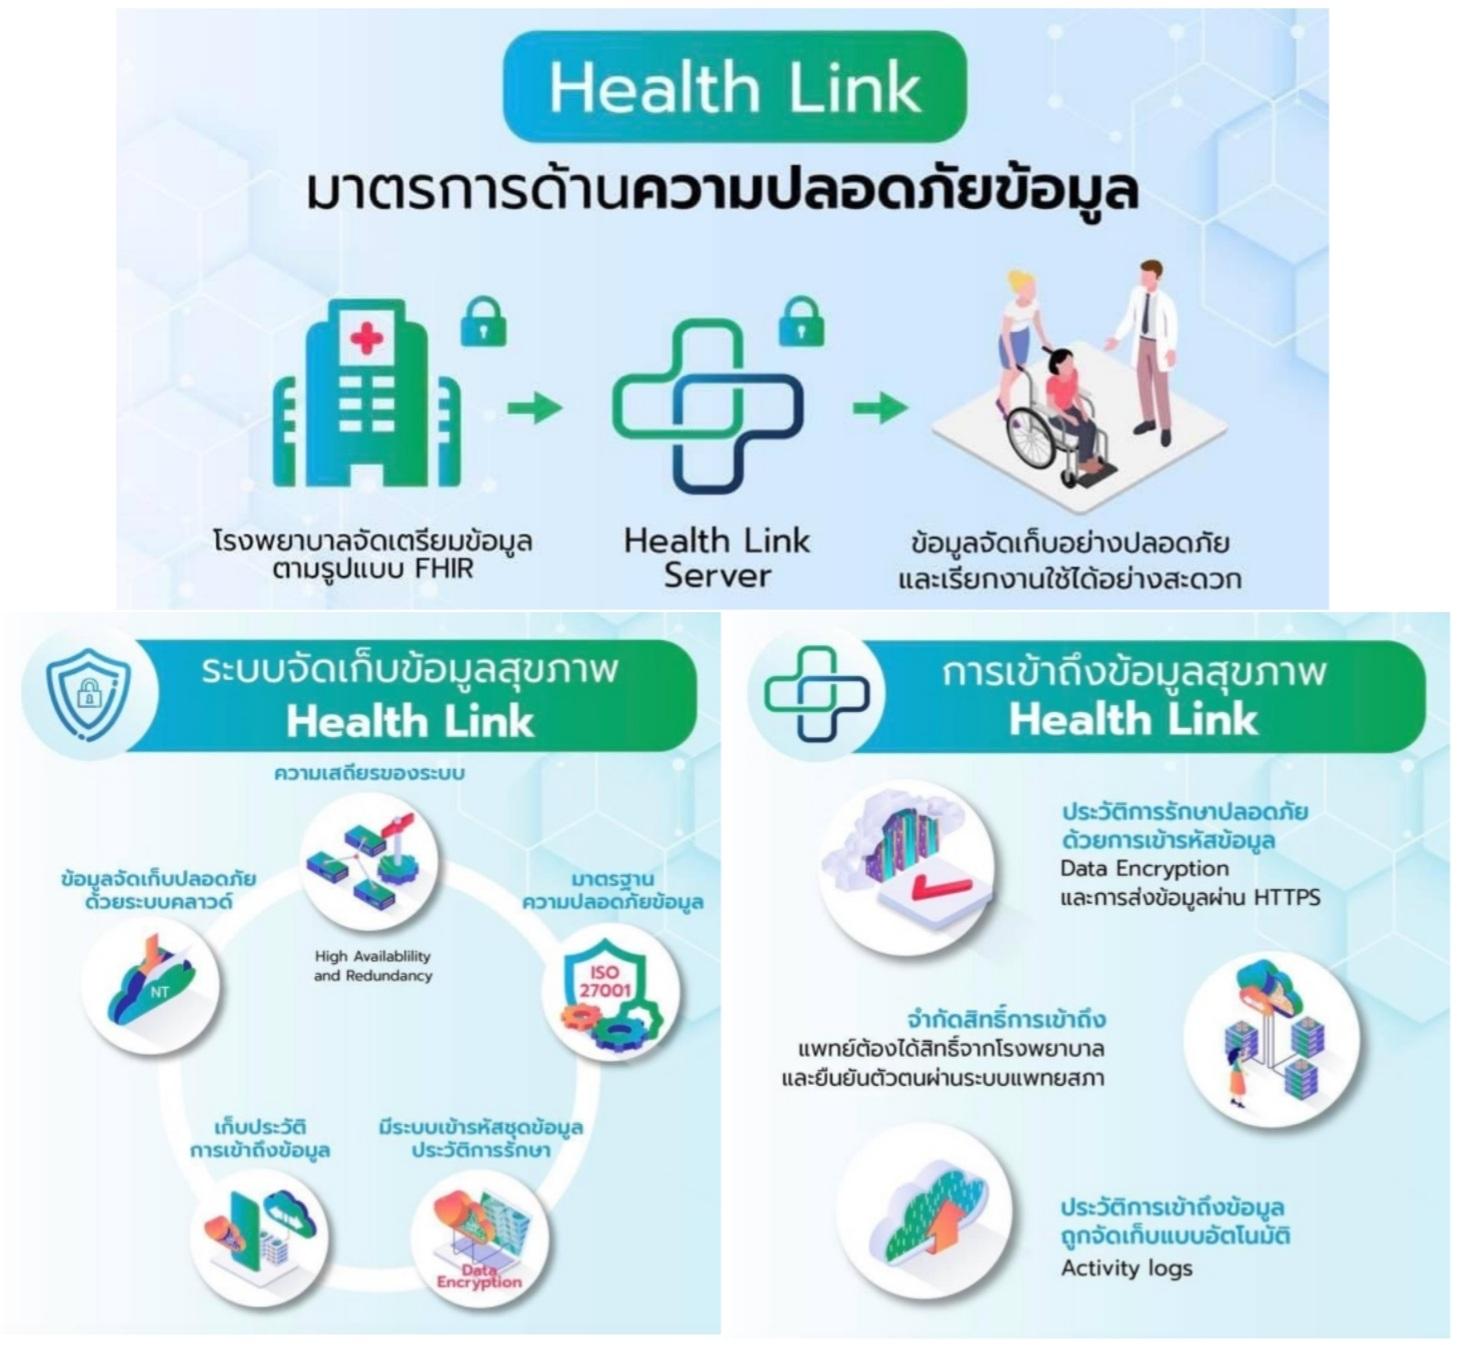 NT ผนึกความร่วมมือ GBDi เปิดตัวระบบ Health Link ตั้งเป้าใช้งาน 1 ล้านราย พร้อมเชื่อมโยงข้อมูลประวัติการรักษาผู้ป่วยทั่วประเทศจากรพ.รัฐและเอกชน